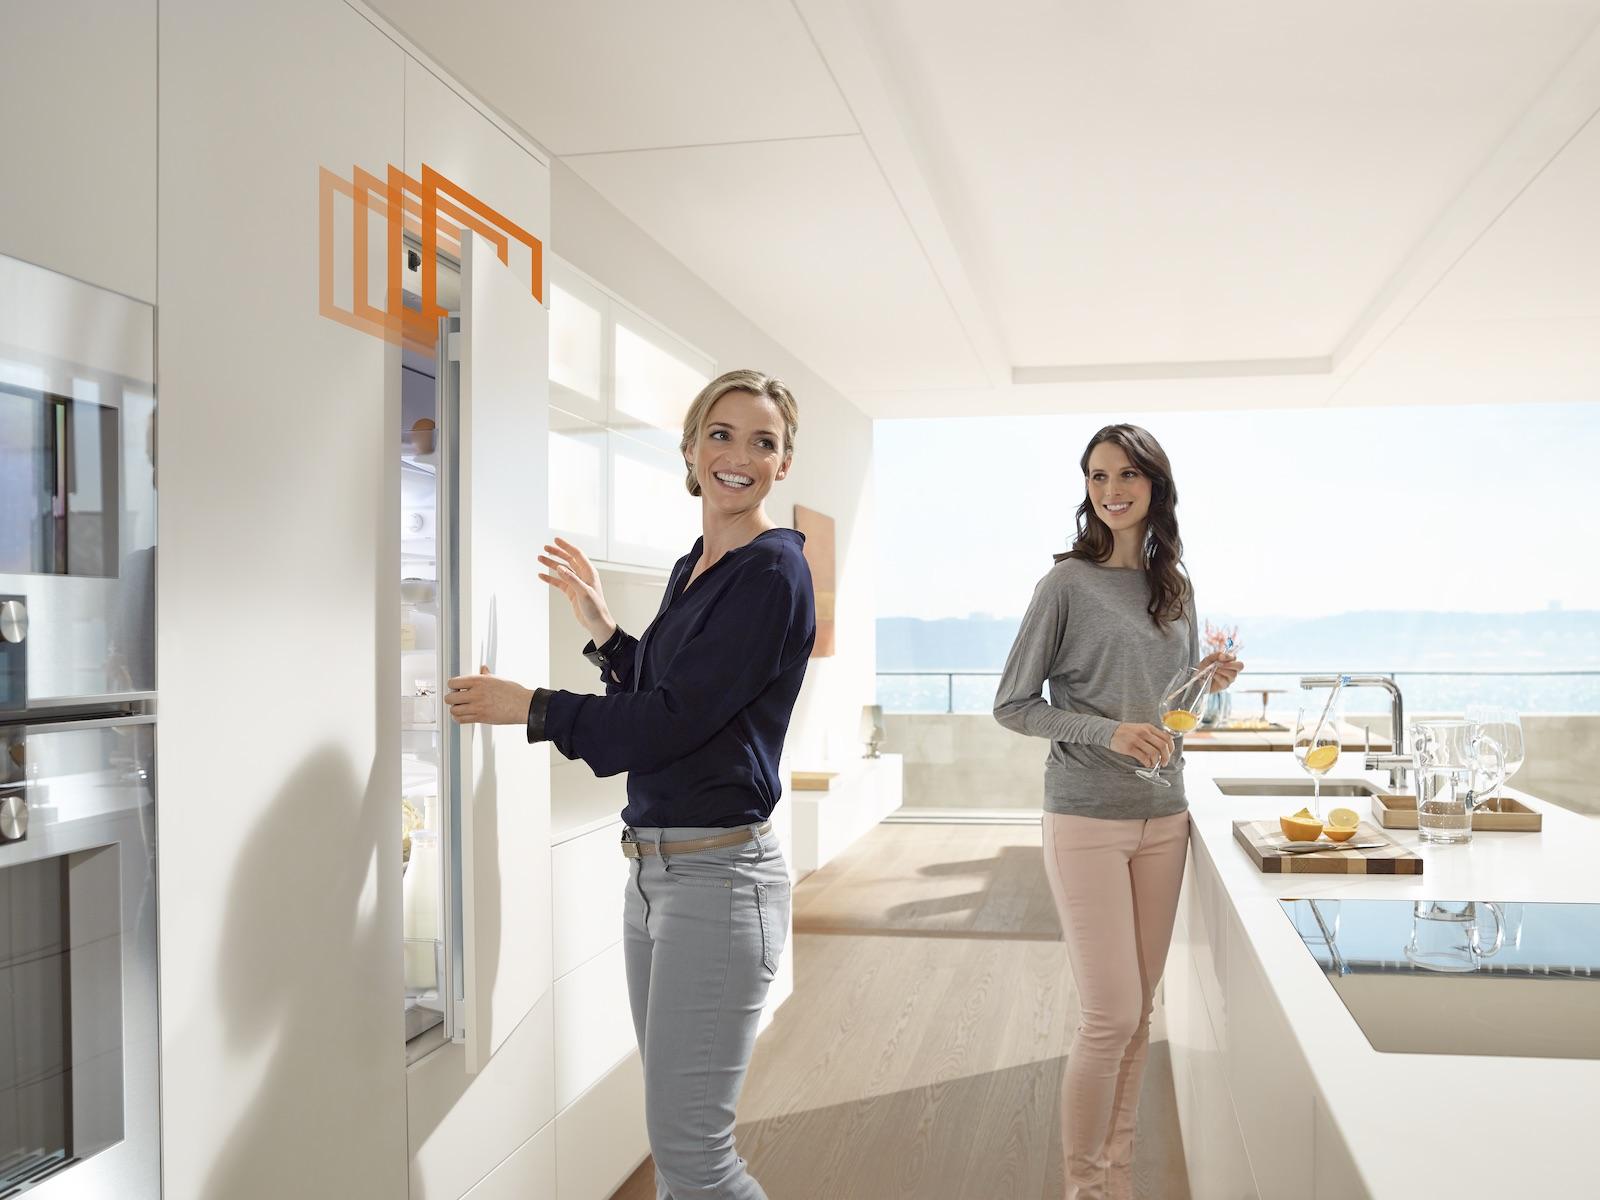 Grifflose Möbel in der Küche voll im Trend: Mit Blum gestaltest du stylische Möbel– mit Griffen und ohne